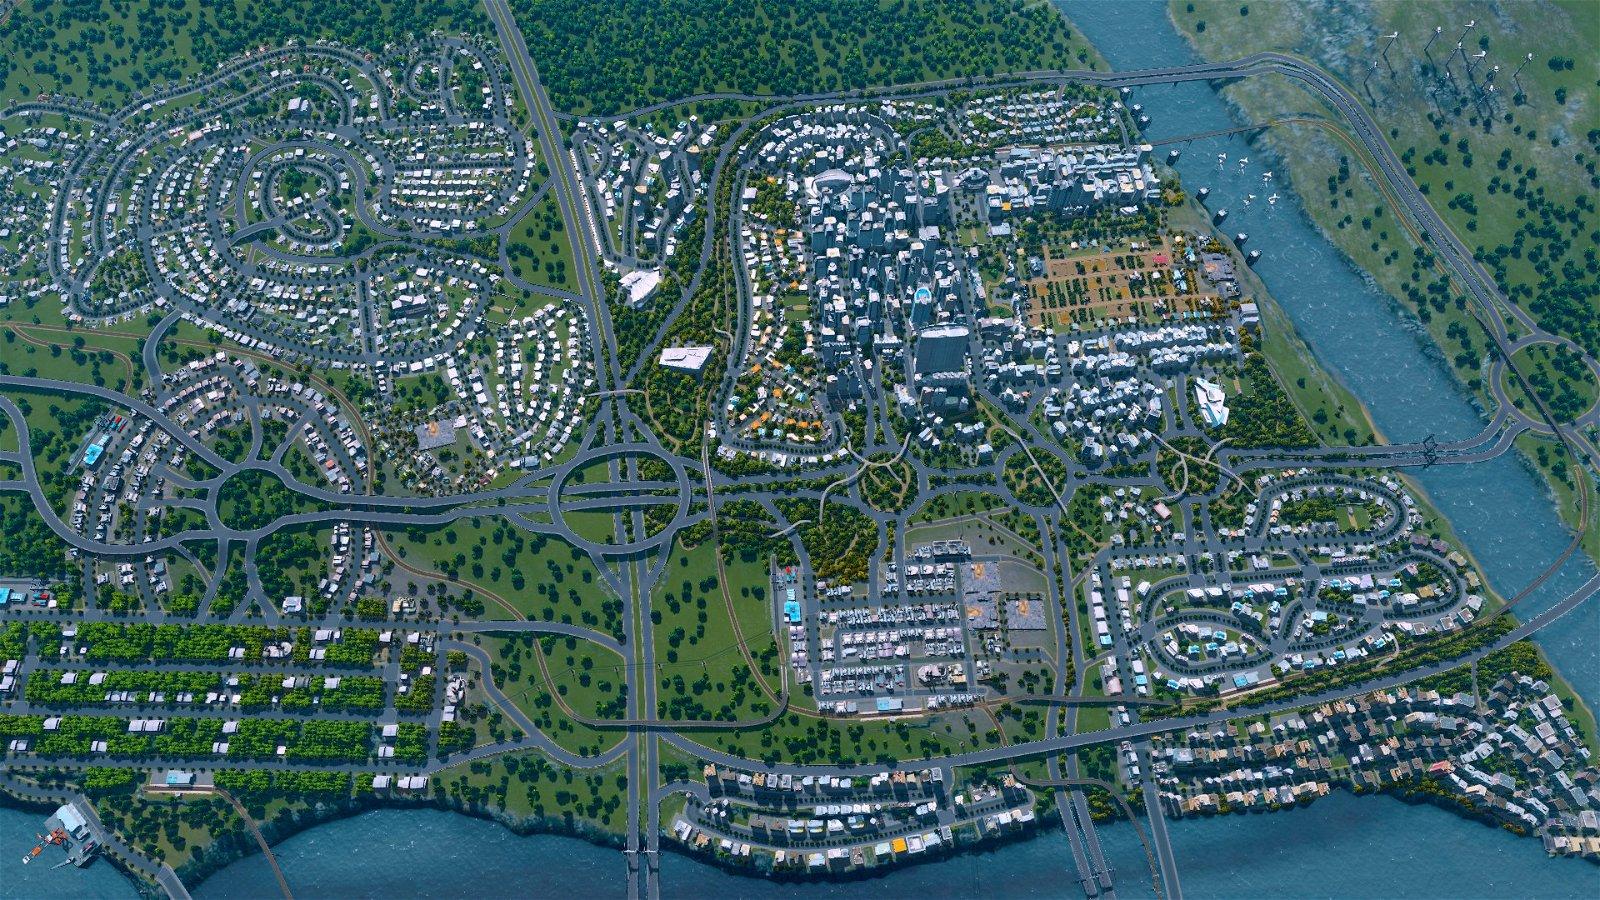 Citiesskyinsert2